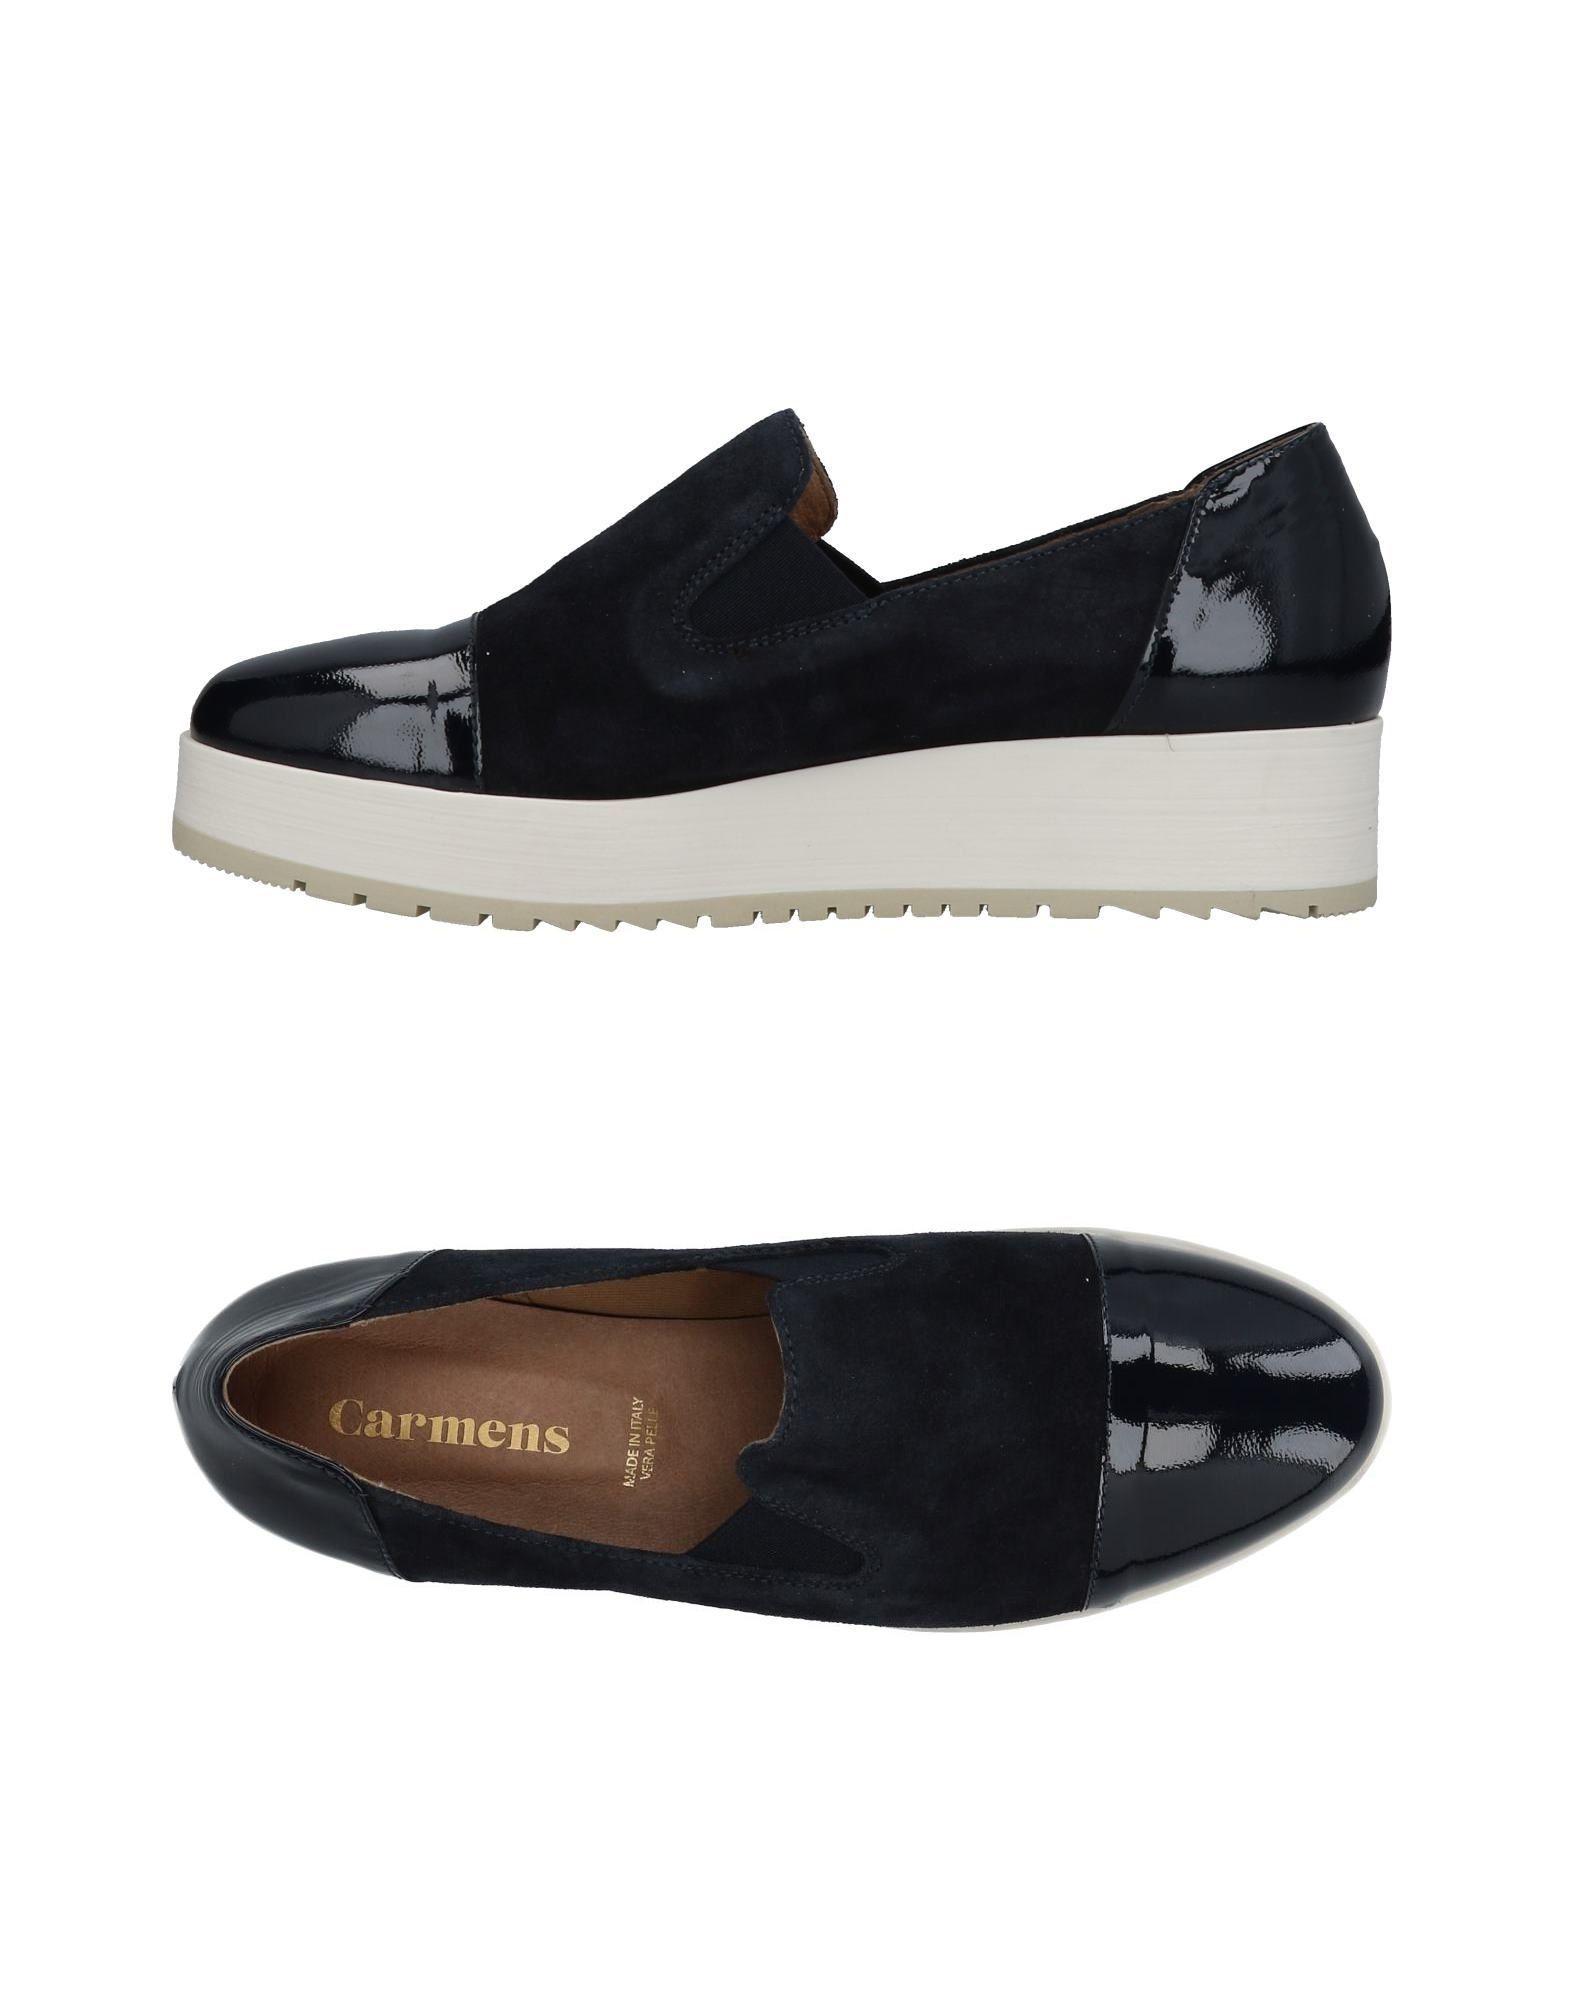 Scarpe economiche e resistenti Sneakers Carmens Donna - 11432488KR